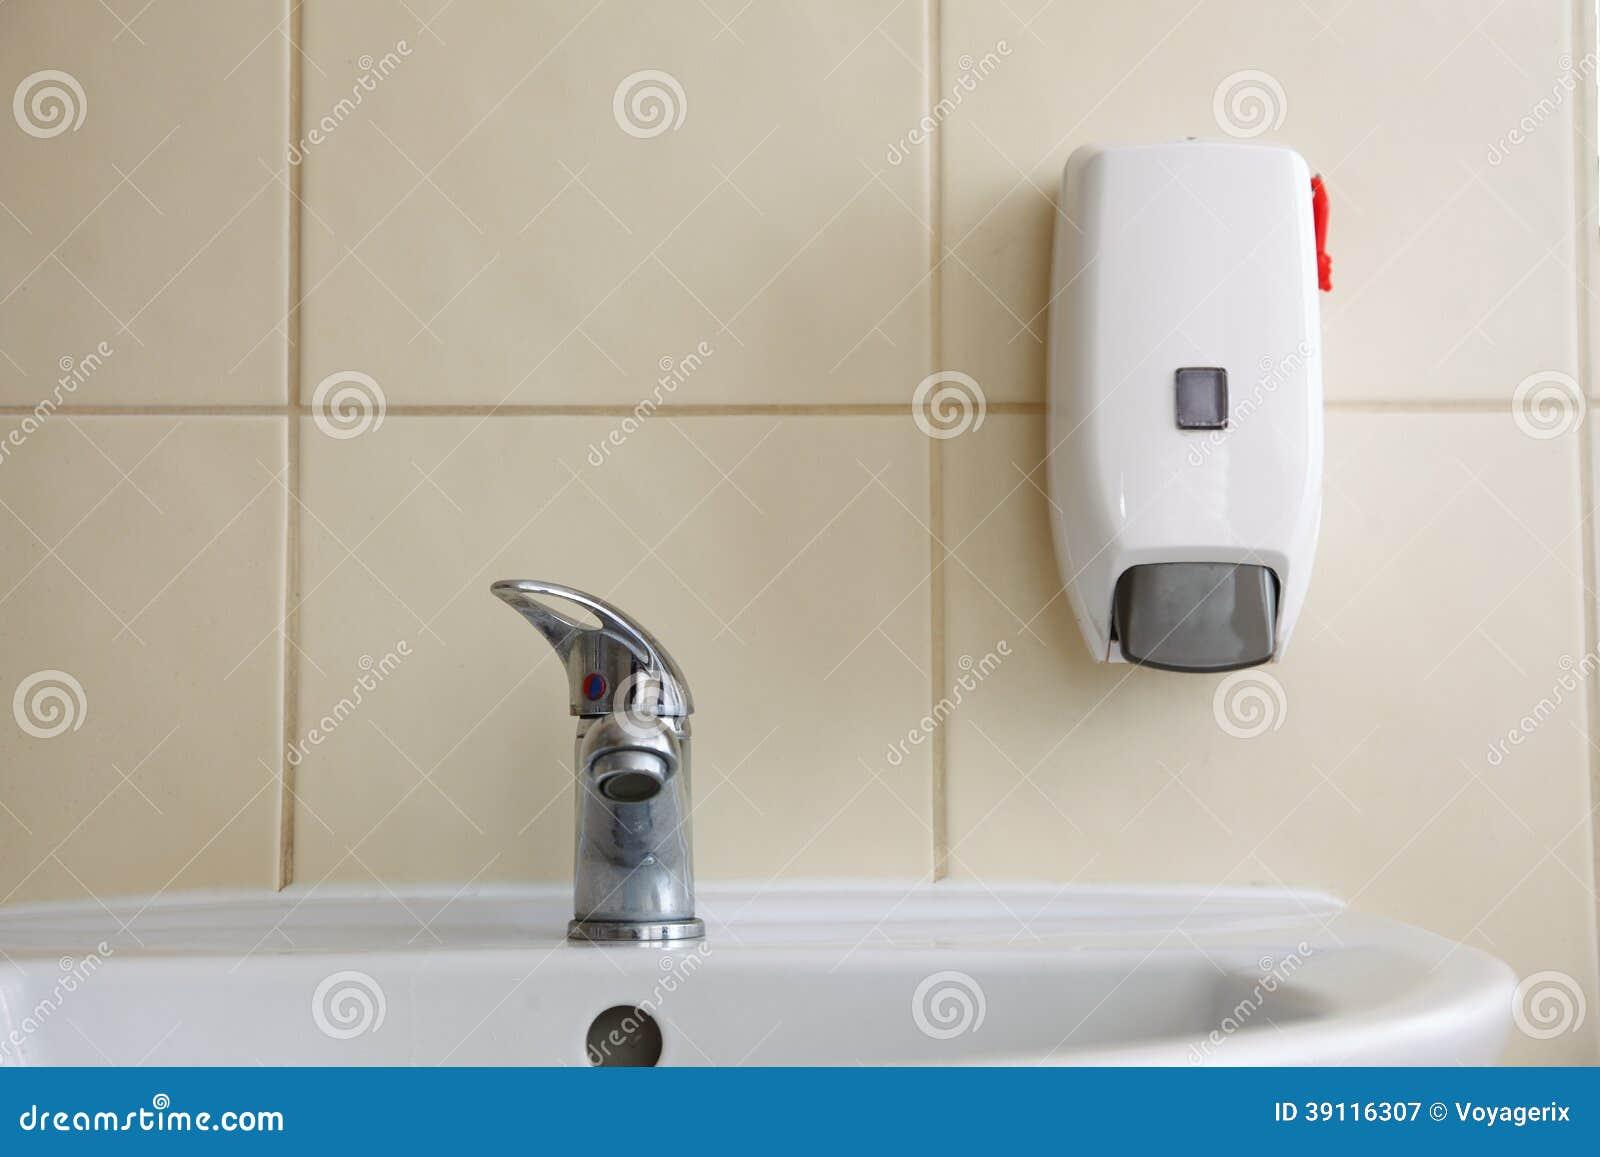 Witte gootsteen en kraan in de badkamers